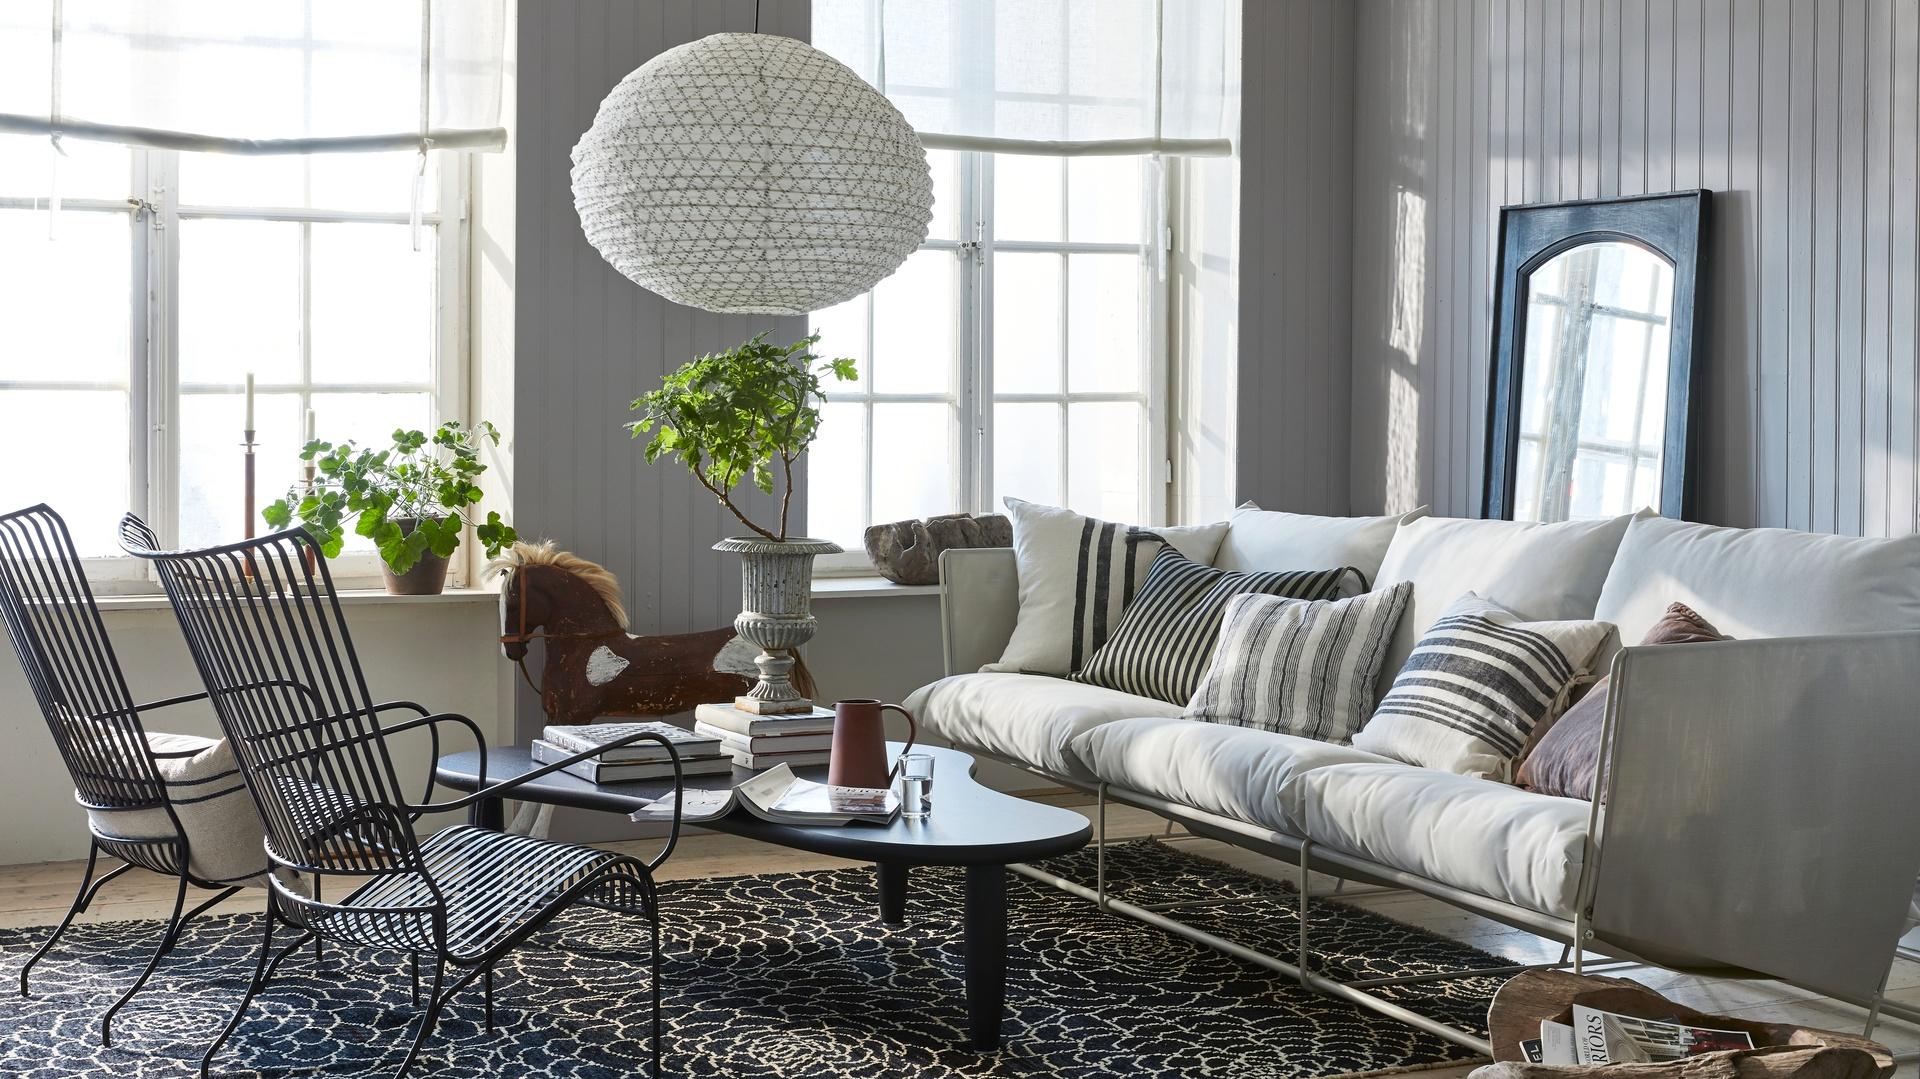 Funktionella sätt att rocka Ikea Hol-bord i din inredning